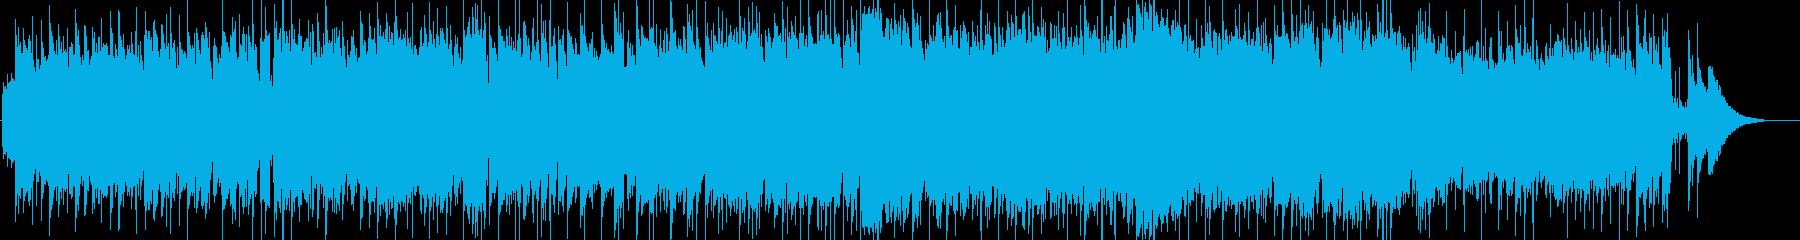 夏の風のイメージのフルートによるポップスの再生済みの波形